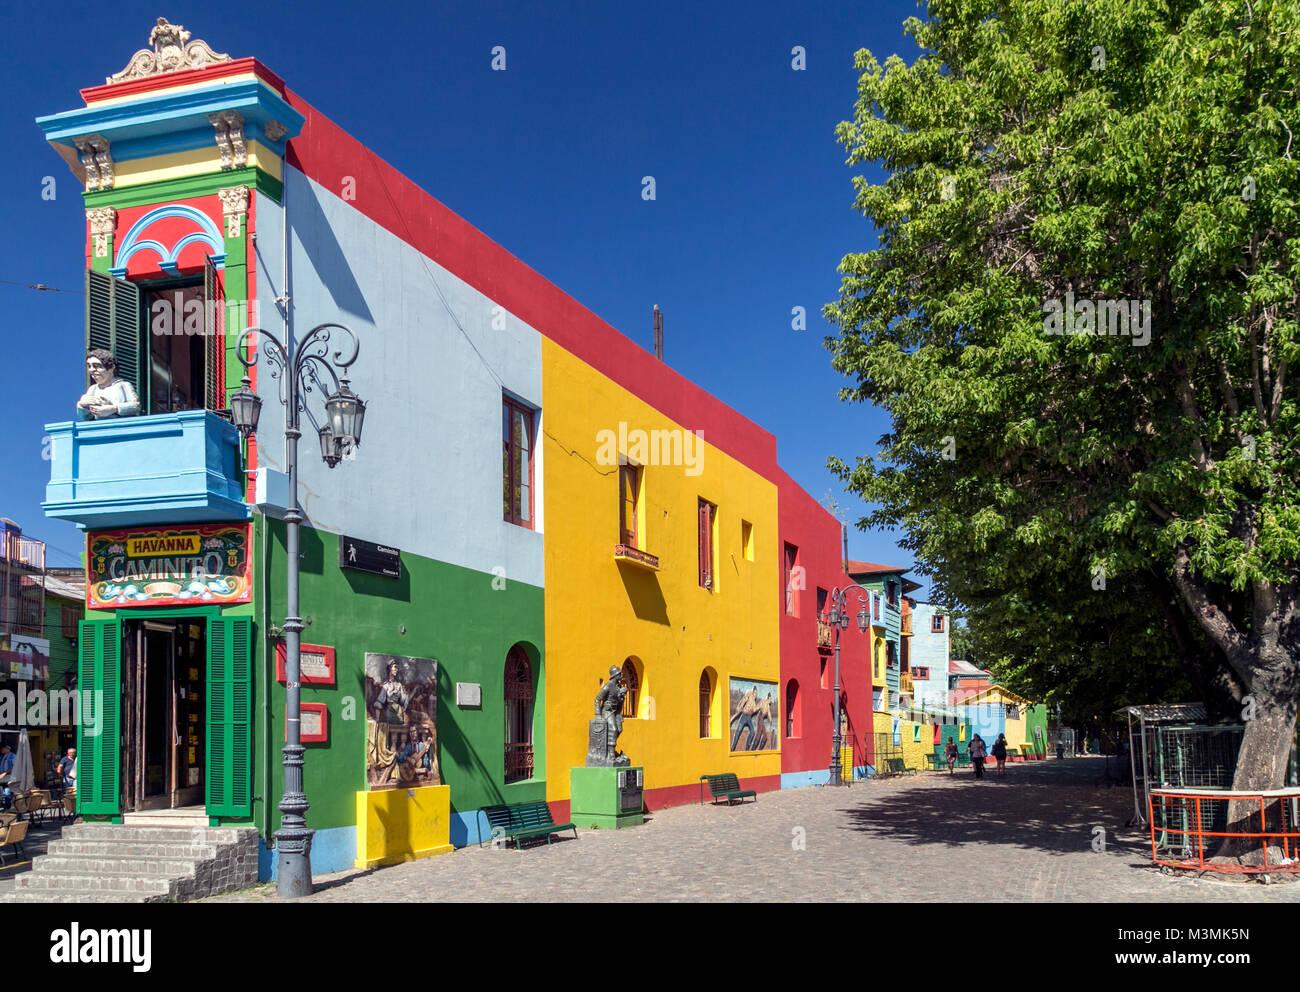 Caminito, La Boca. Buenos Aires, Argentine Photo Stock